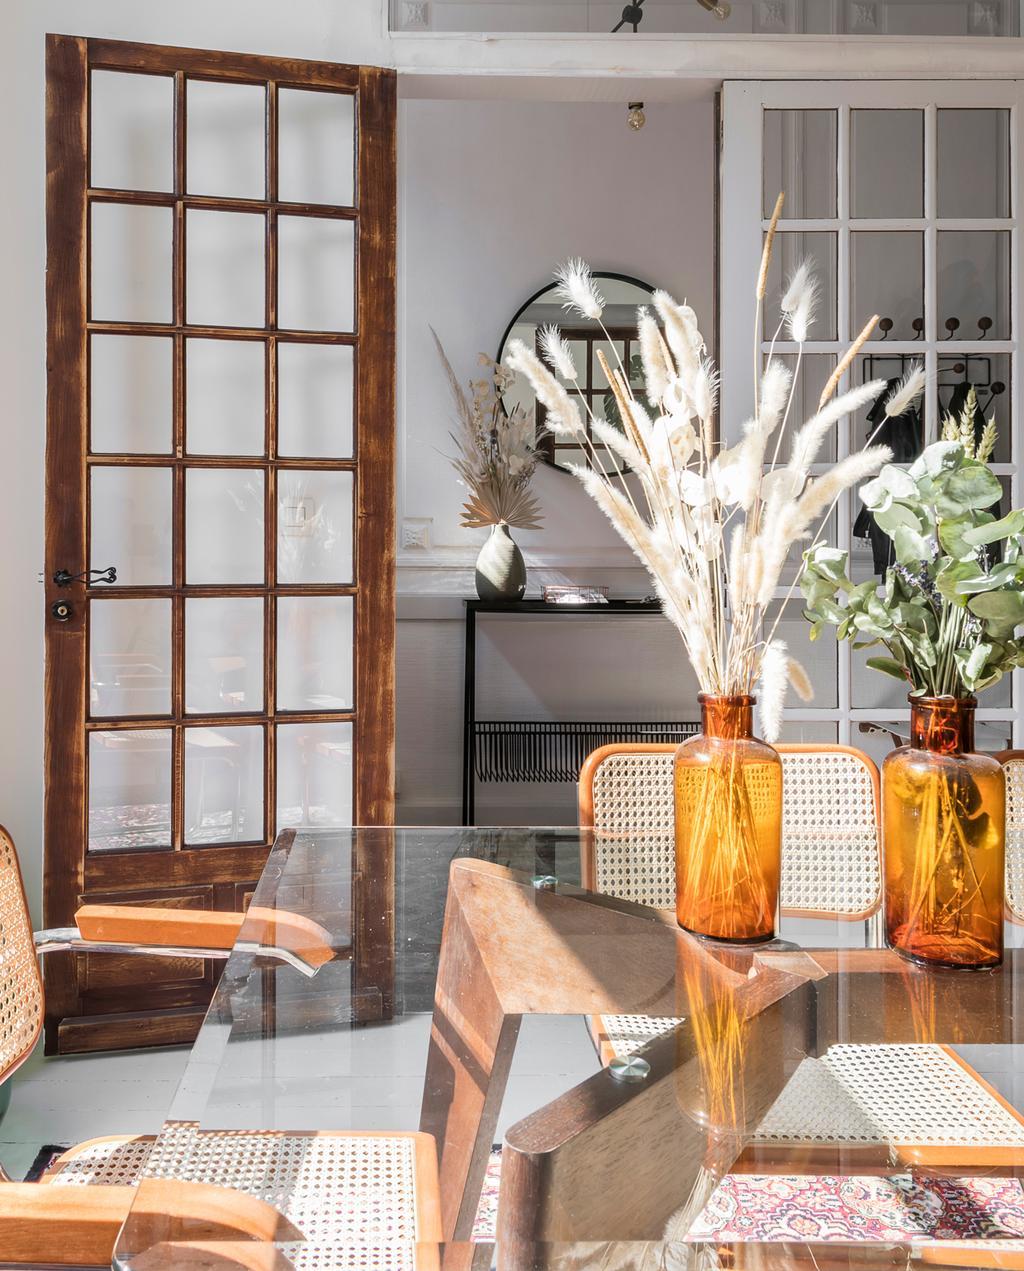 vtwonen 13 | Binnenkijken in een burgerwoning in Antwerpen eettafel van glas